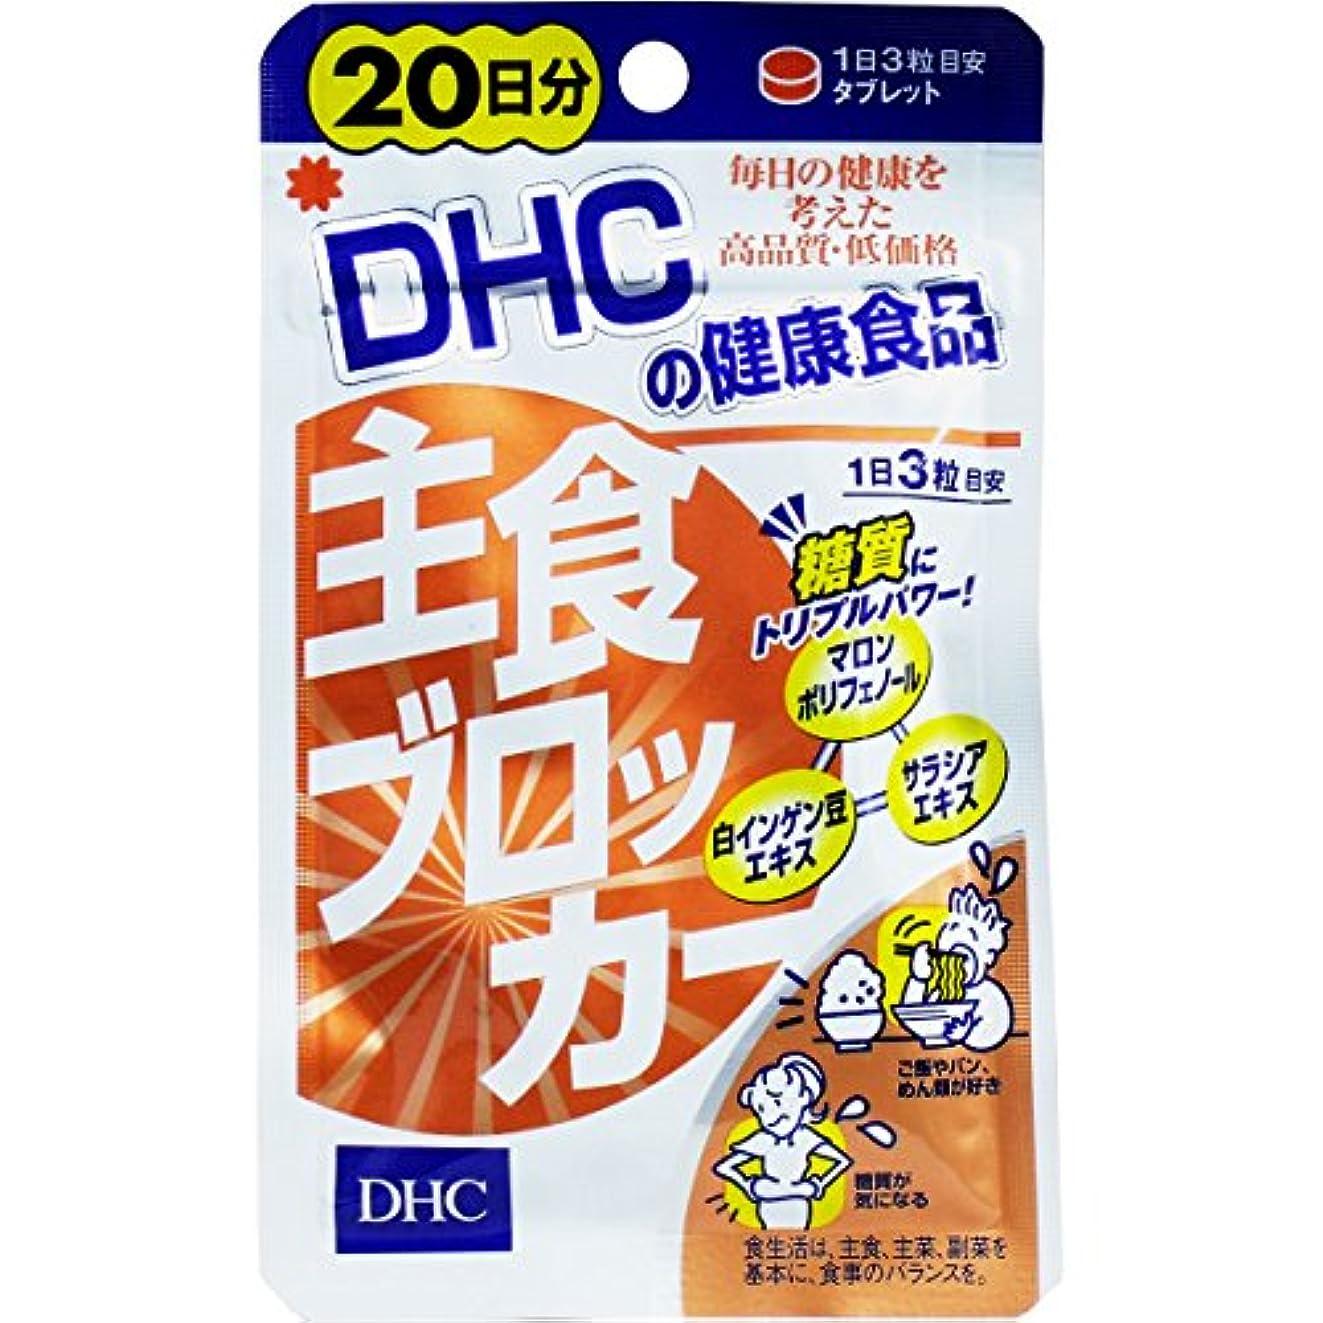 白内障日悔い改めるDHC 主食ブロッカー 20日分 60粒(12g) ×4個セット